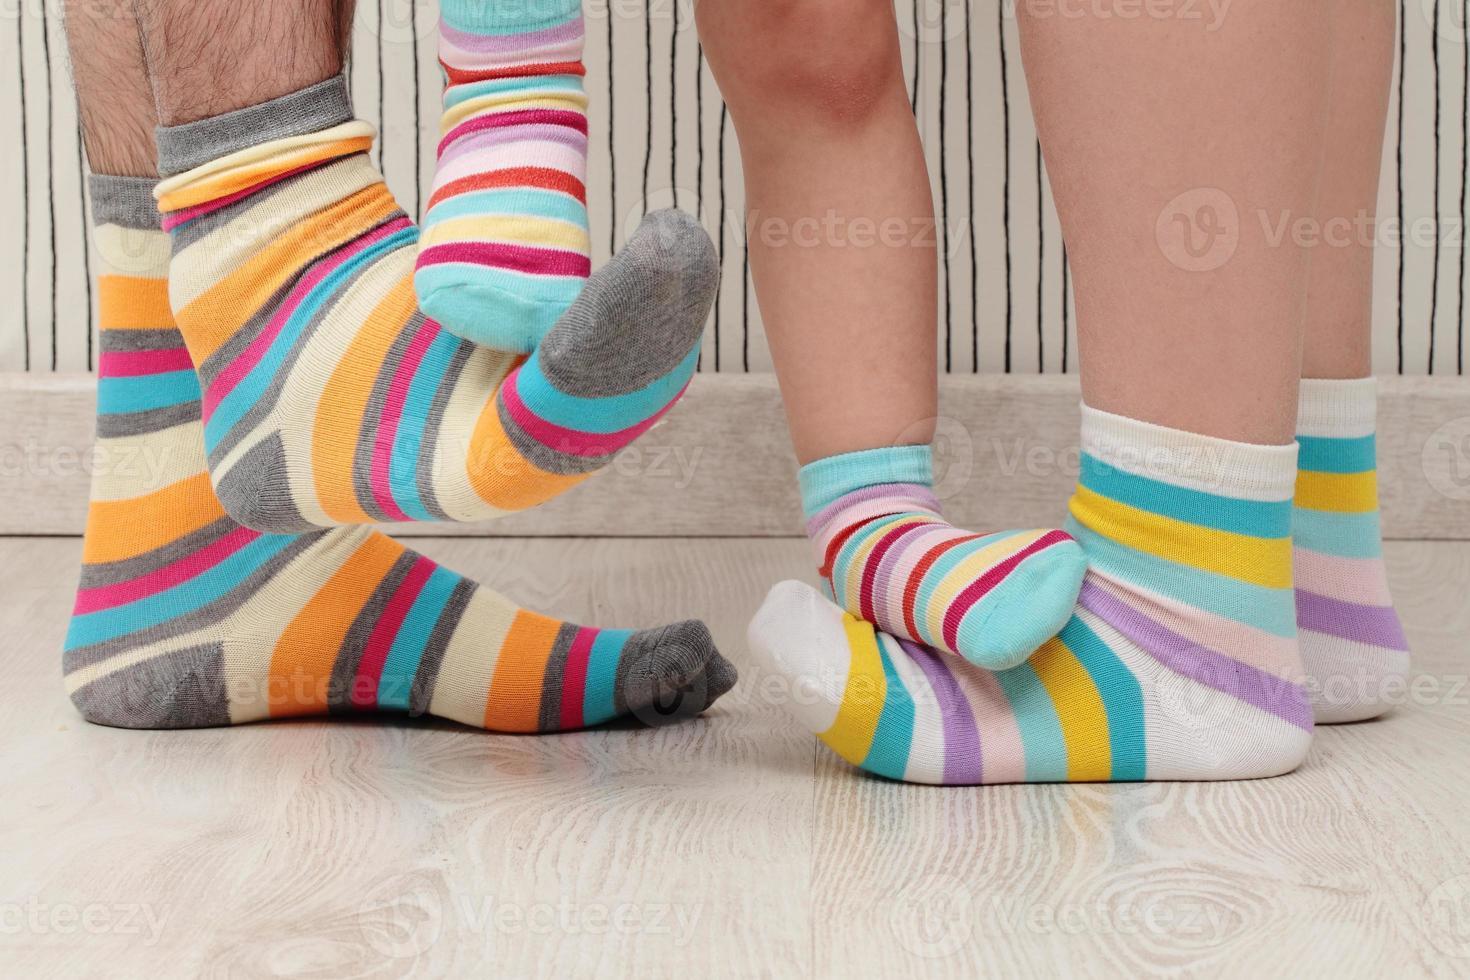 family in socks photo